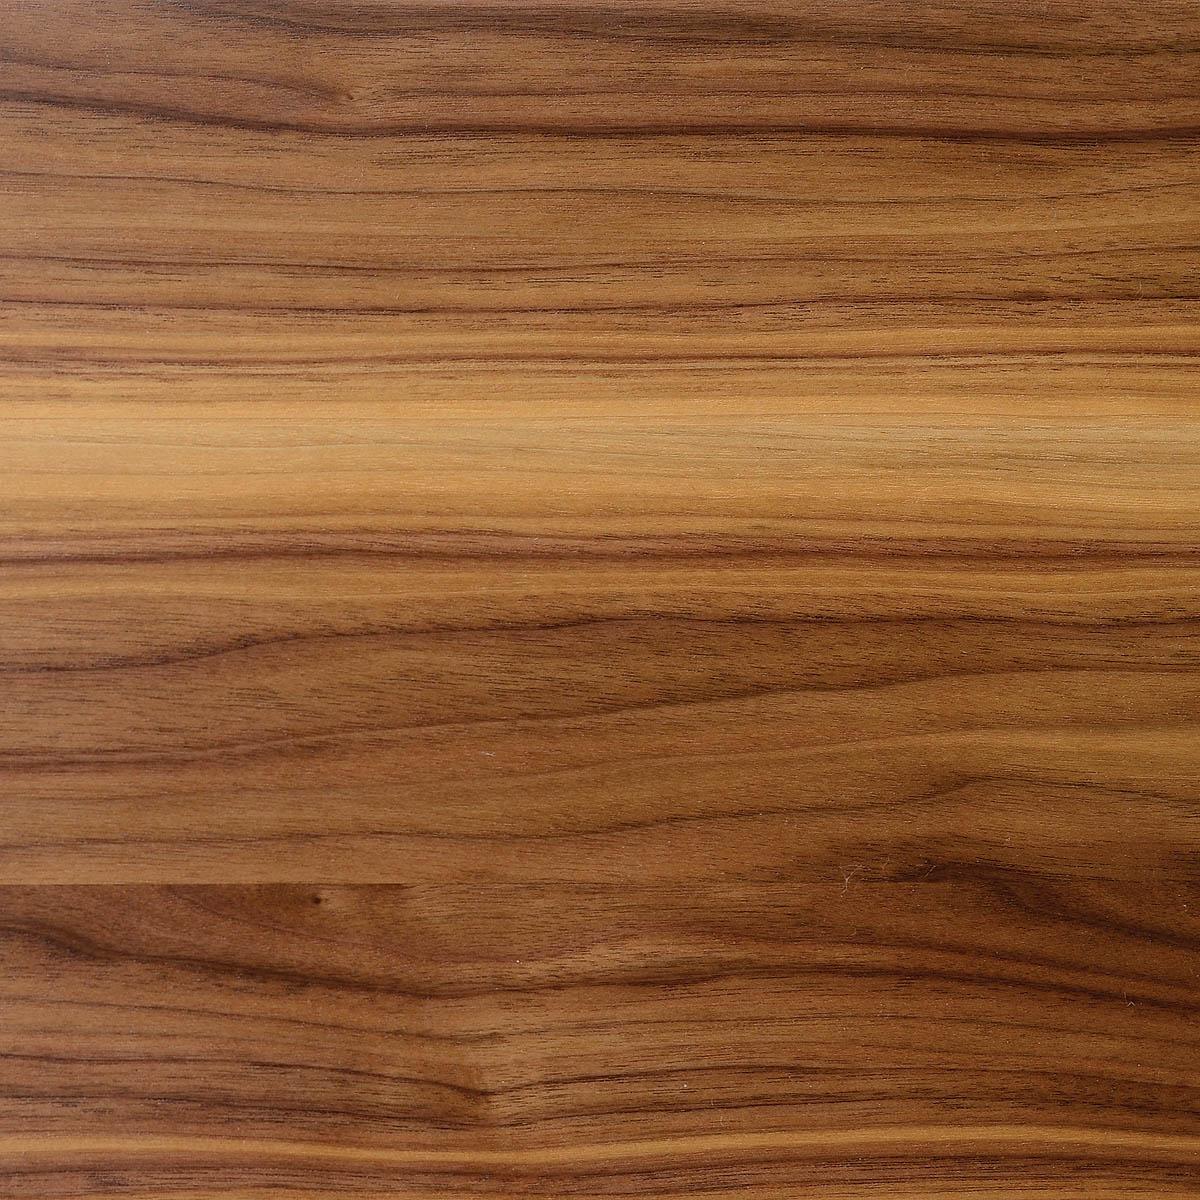 Schody drewniane Olsztyn - Orzech amerykański